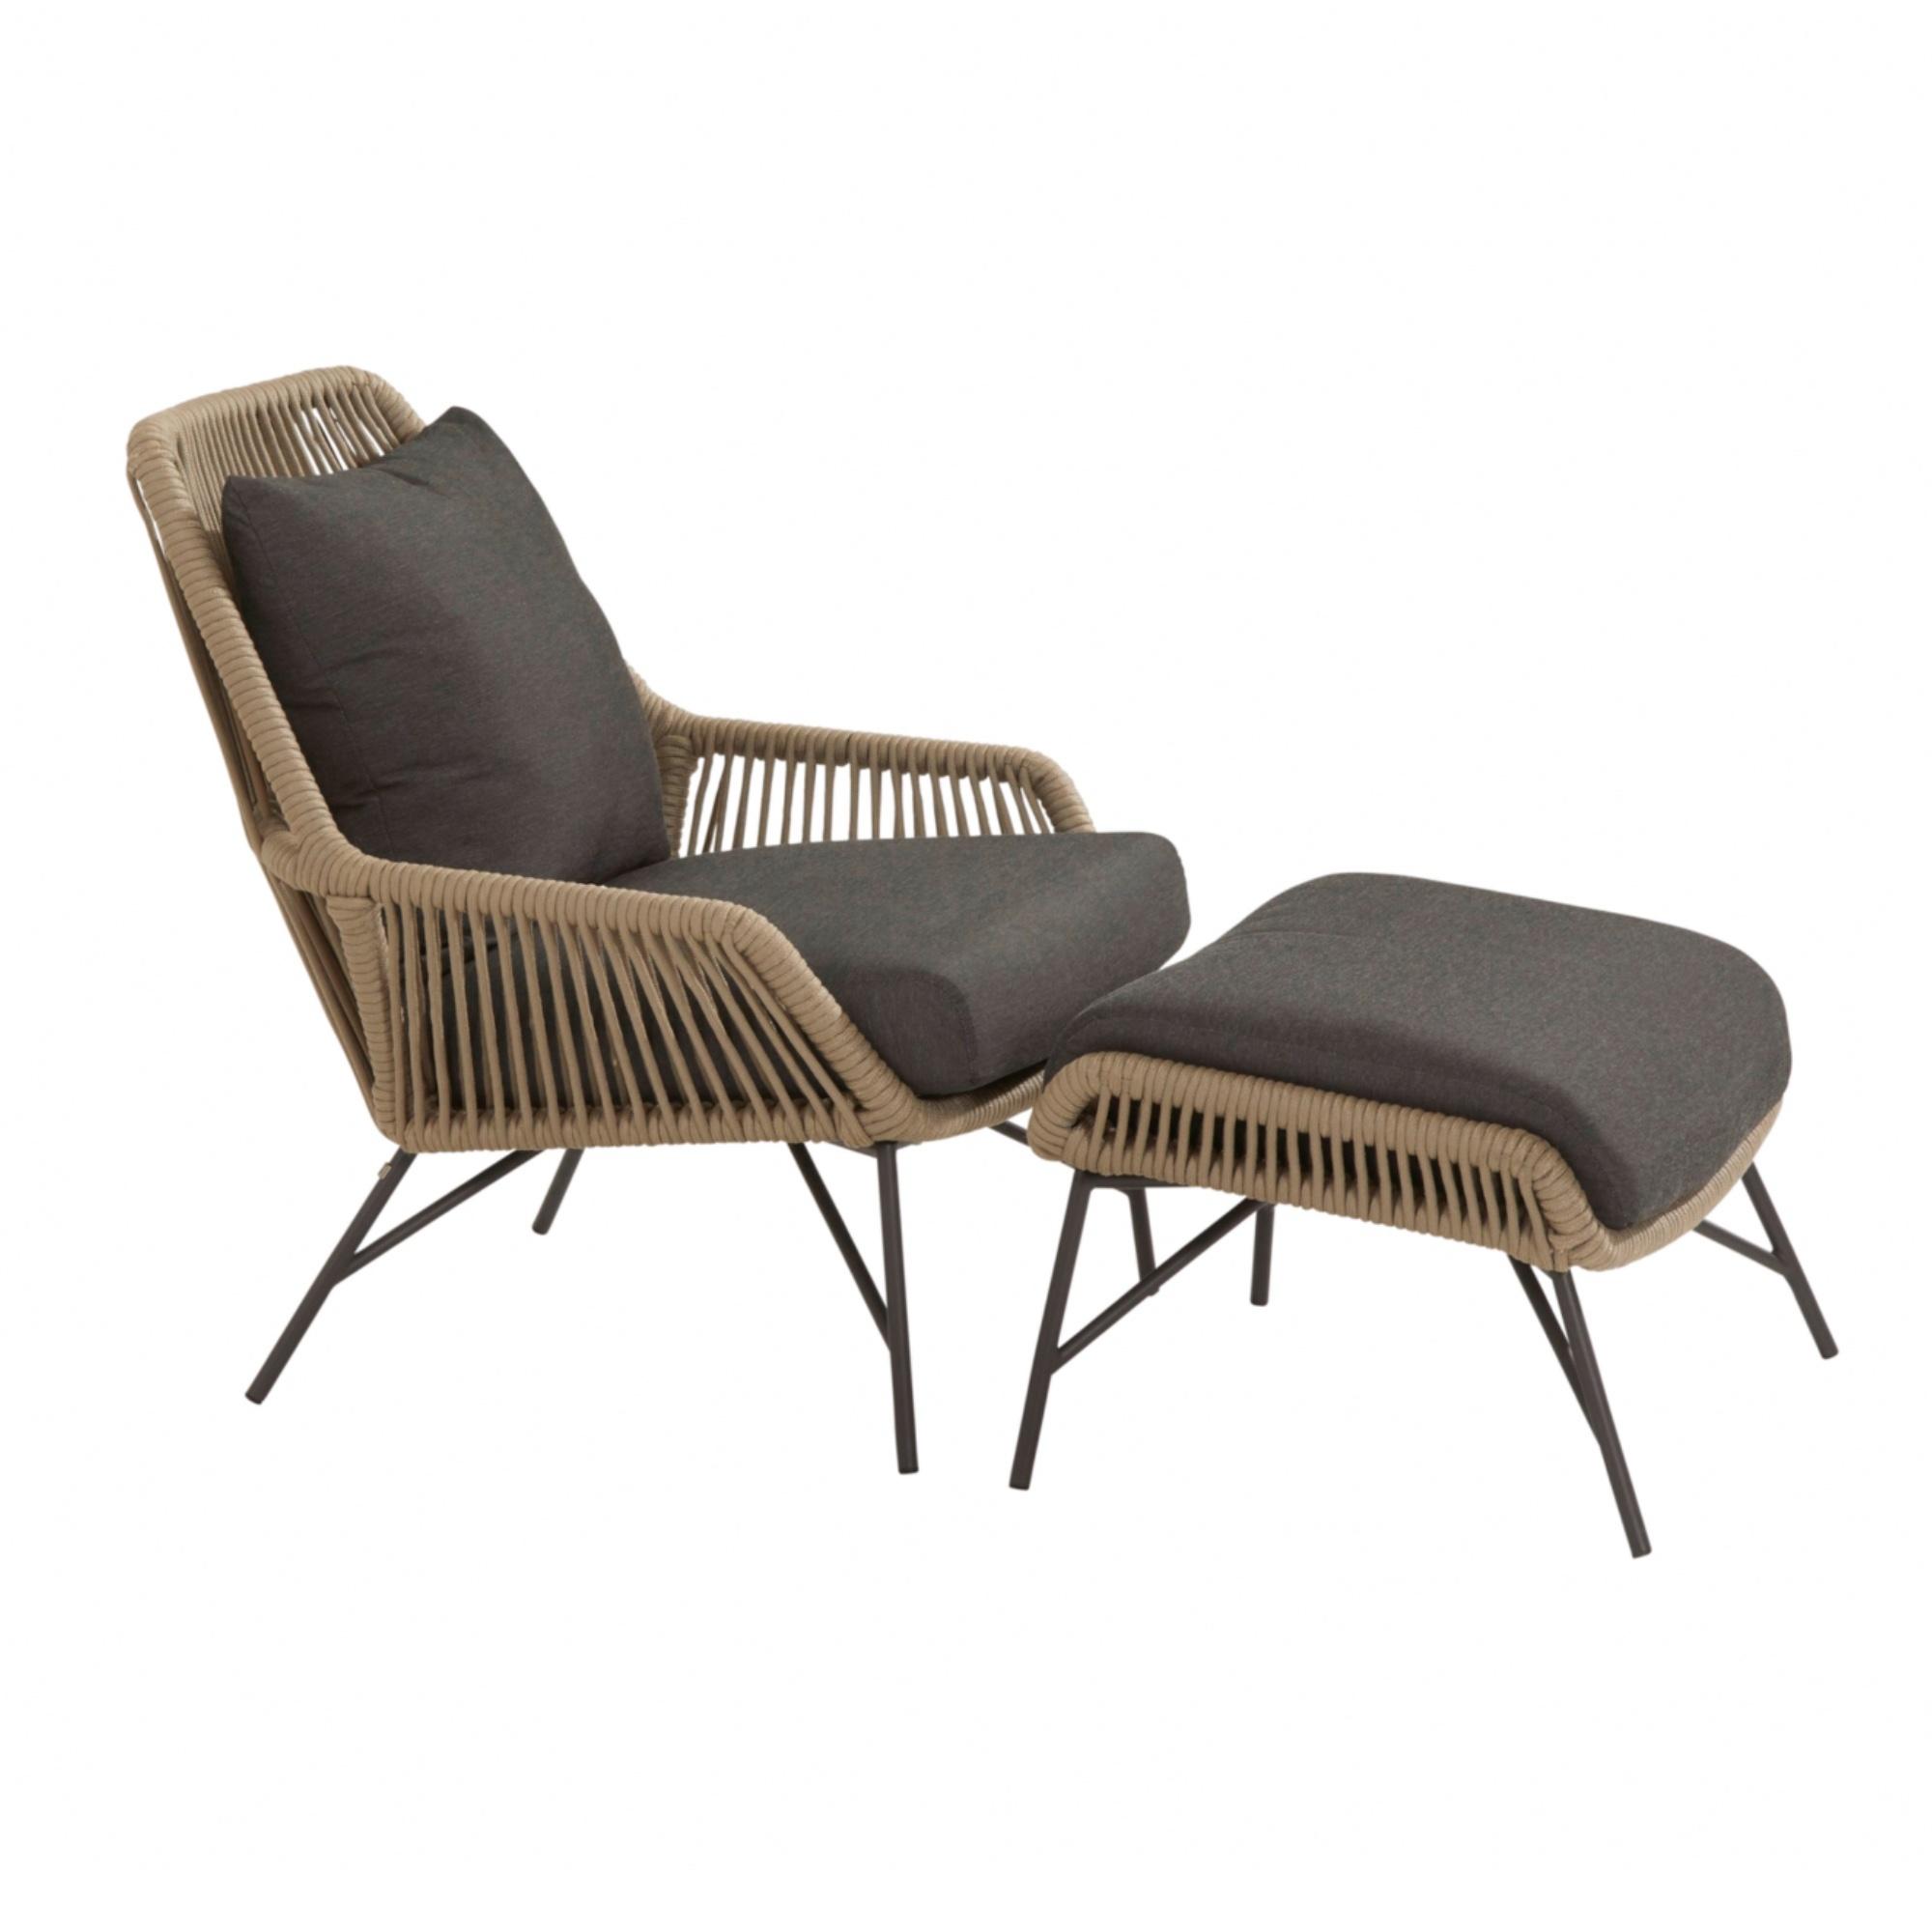 4 Seasons Ramblas Living Chair W/Cushions - Taupe